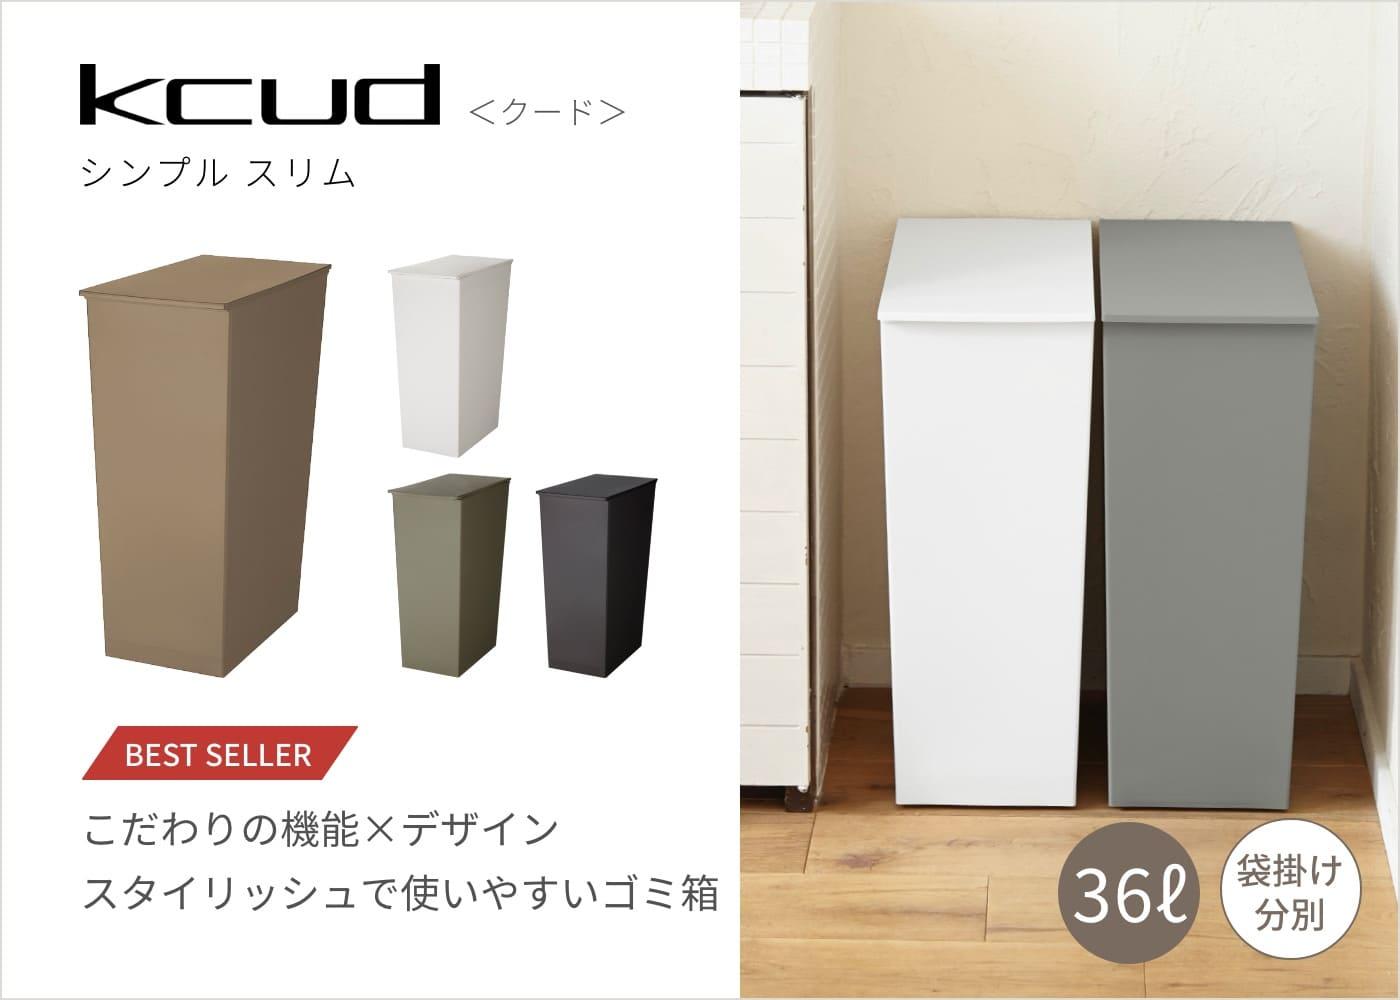 kcudシンプルスリム「こだわりの機能✕デザイン。スタイリッシュで使いやすいゴミ箱」